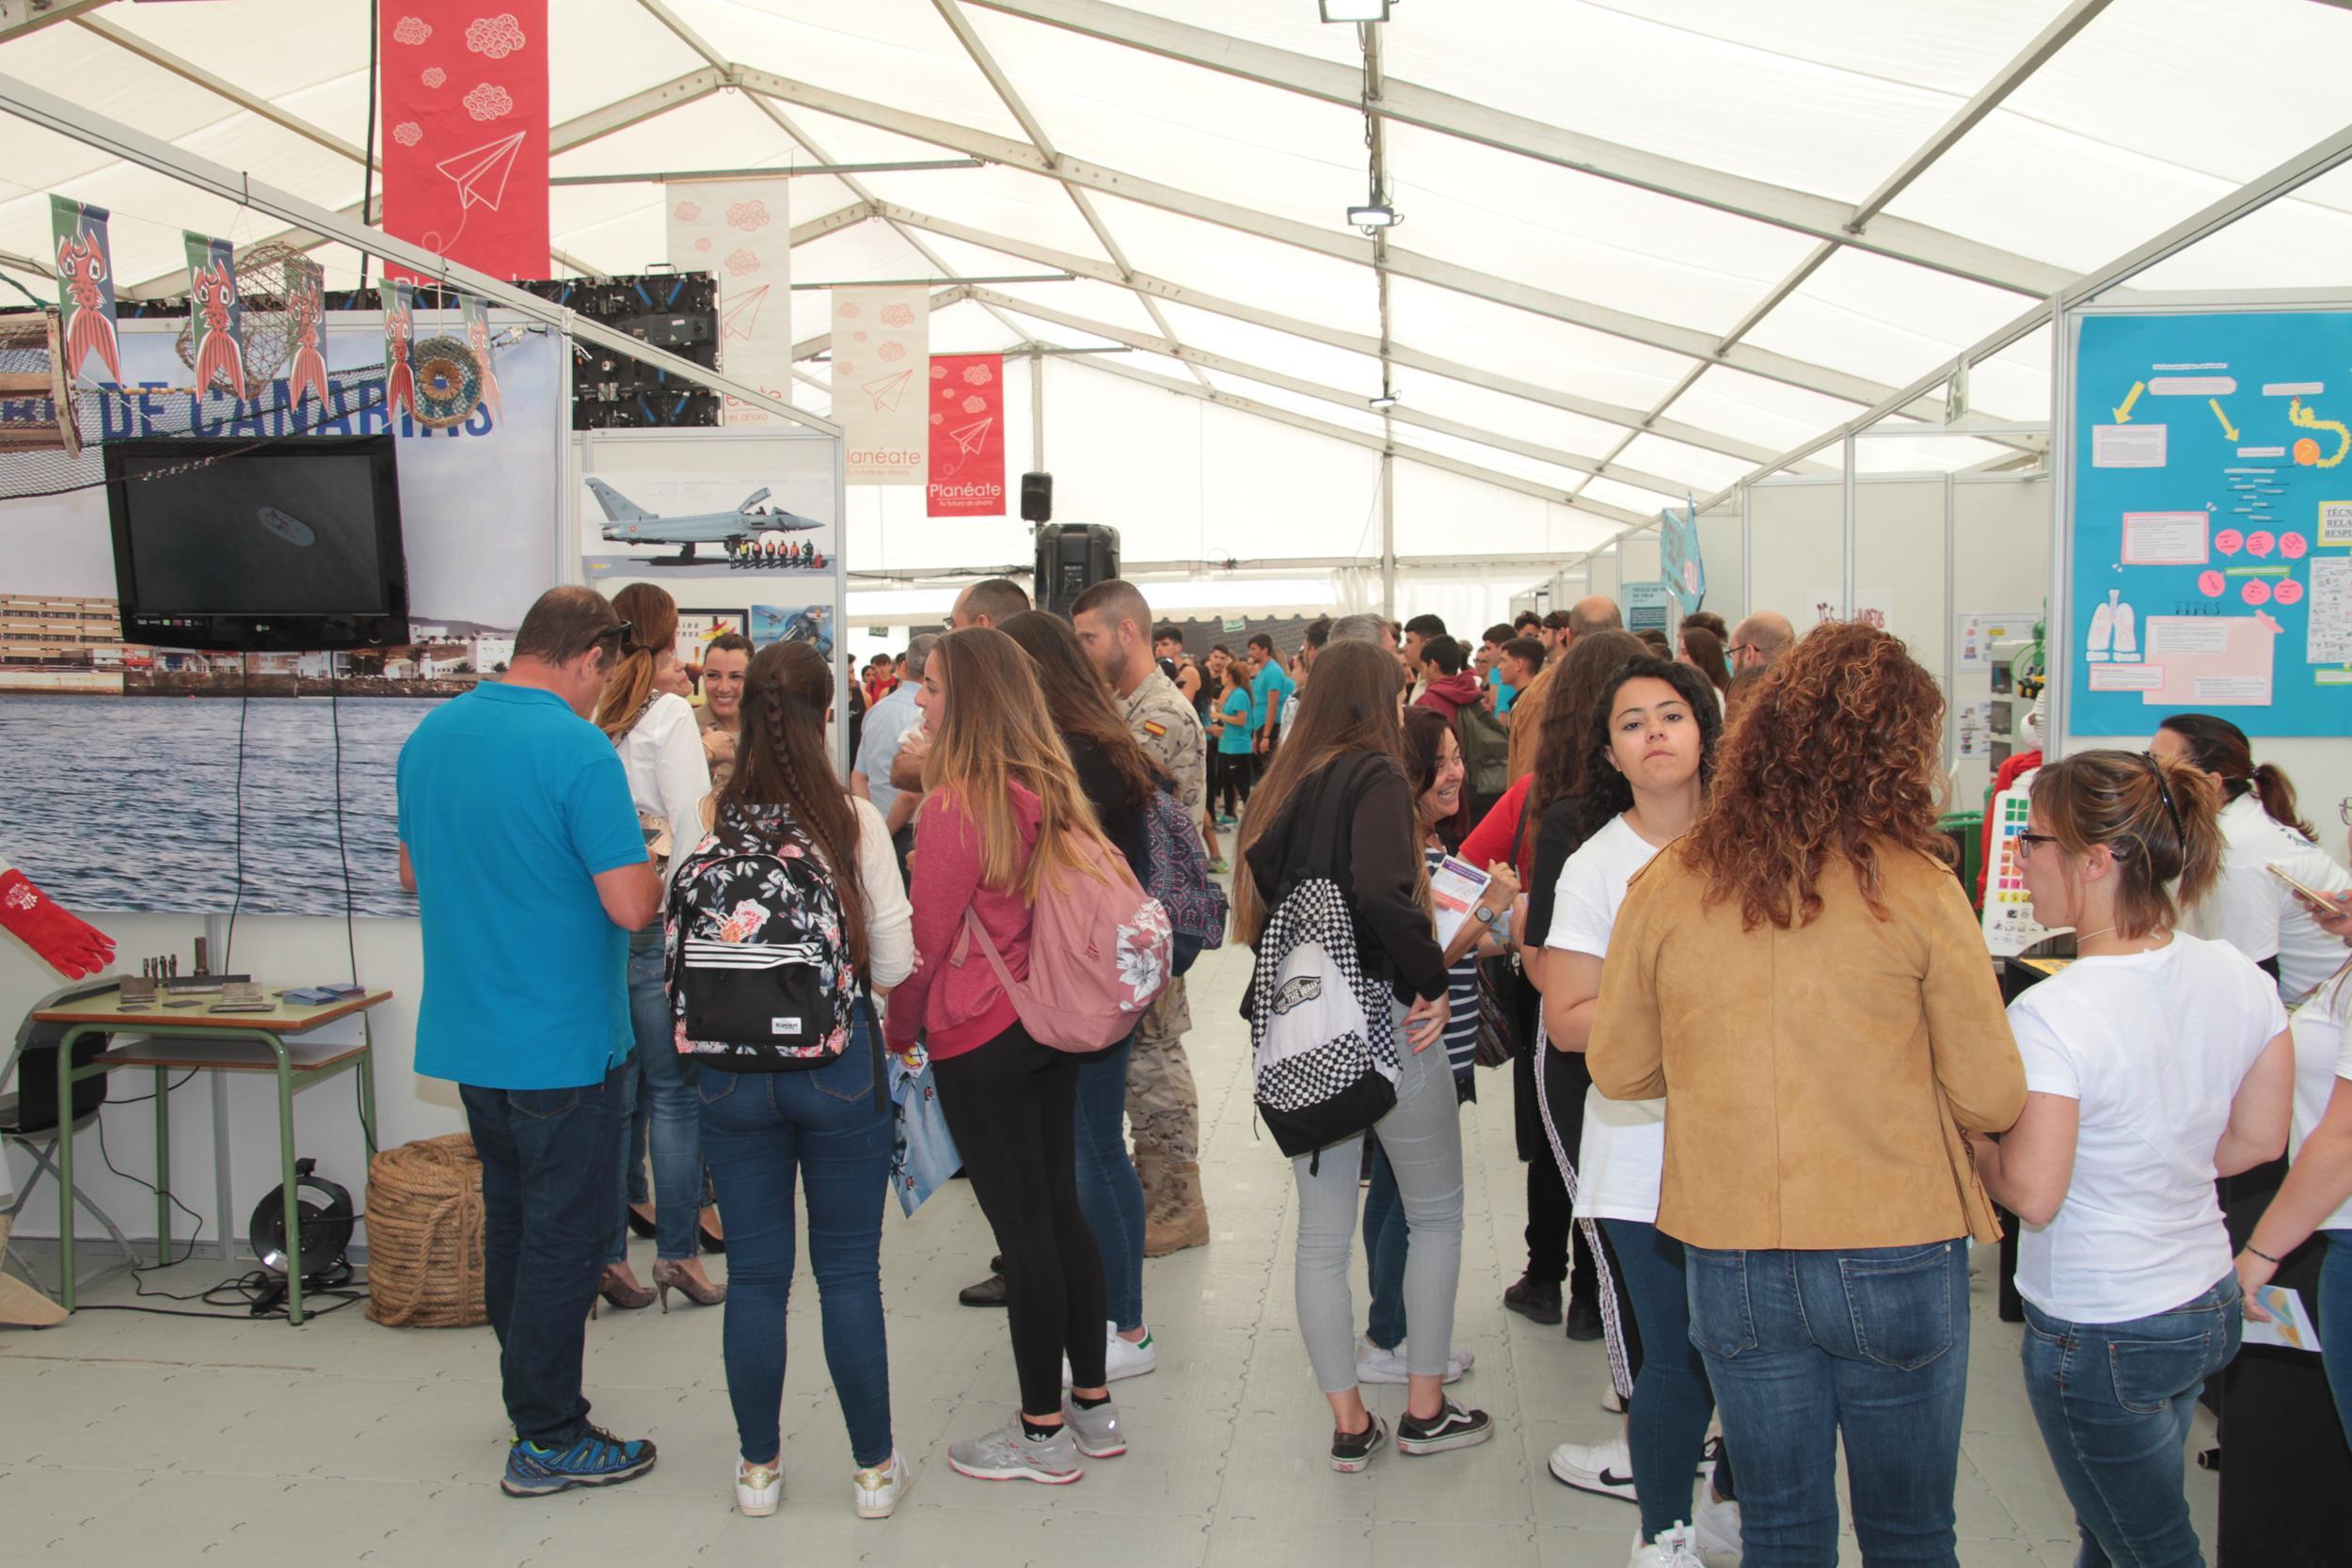 Arranca 'Planeáte 2019' con más de una treintena de expositores de los ciclos formativos y salidas profesionales de Lanzarote